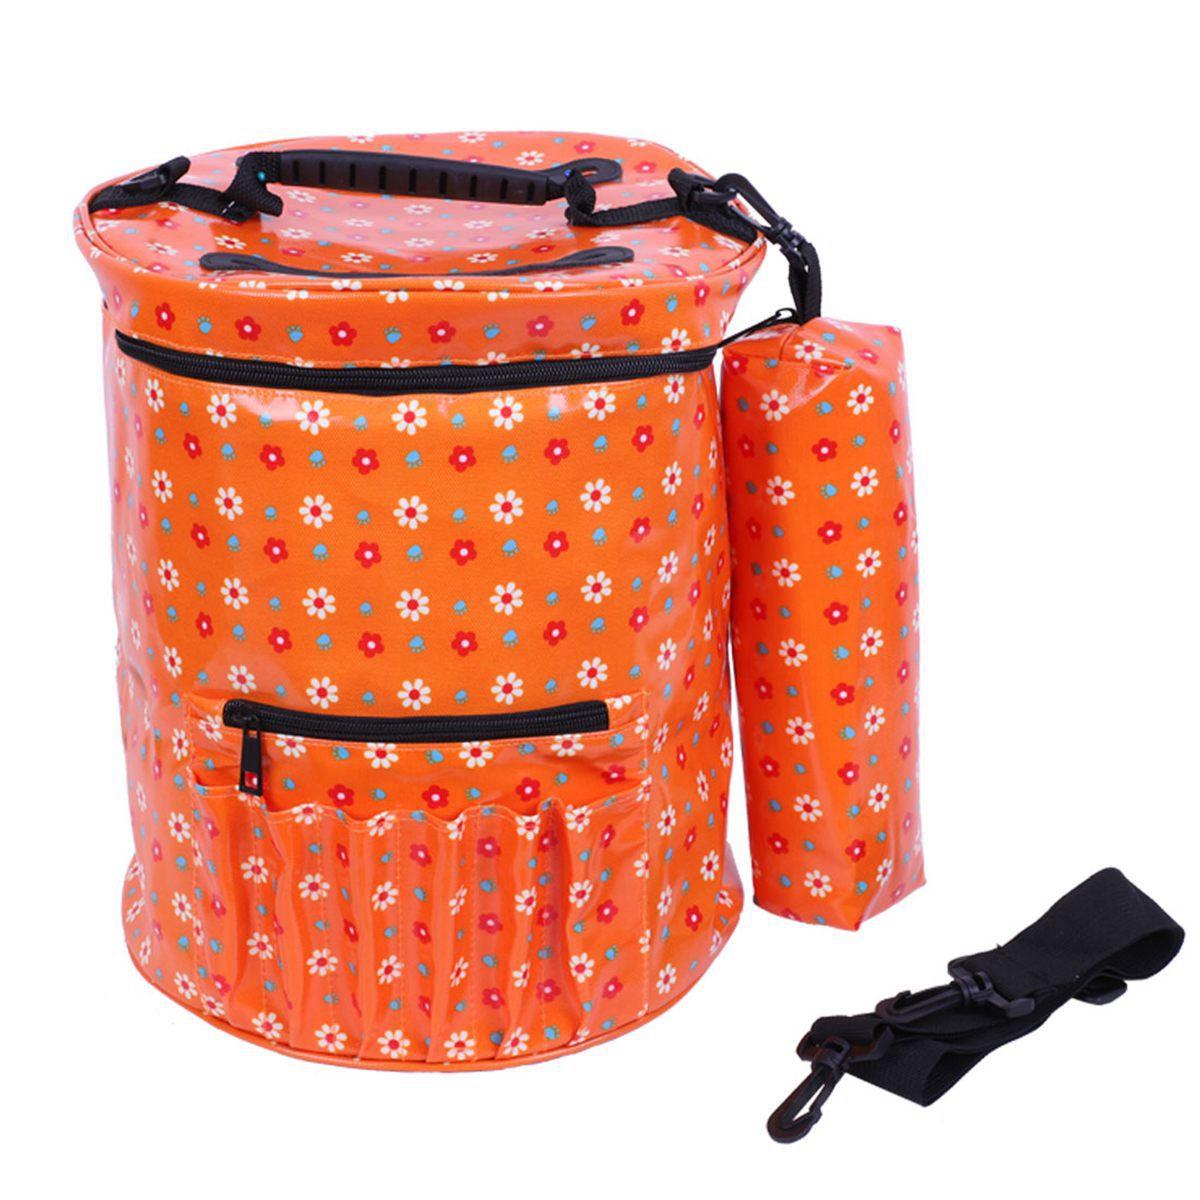 ABDB пряжи мешок, Bloomma Водонепроницаемый холст Вязание сумка с плечевым ремнем крючком и Иглы Крючки Аксессуары для хранения шерсти Ba